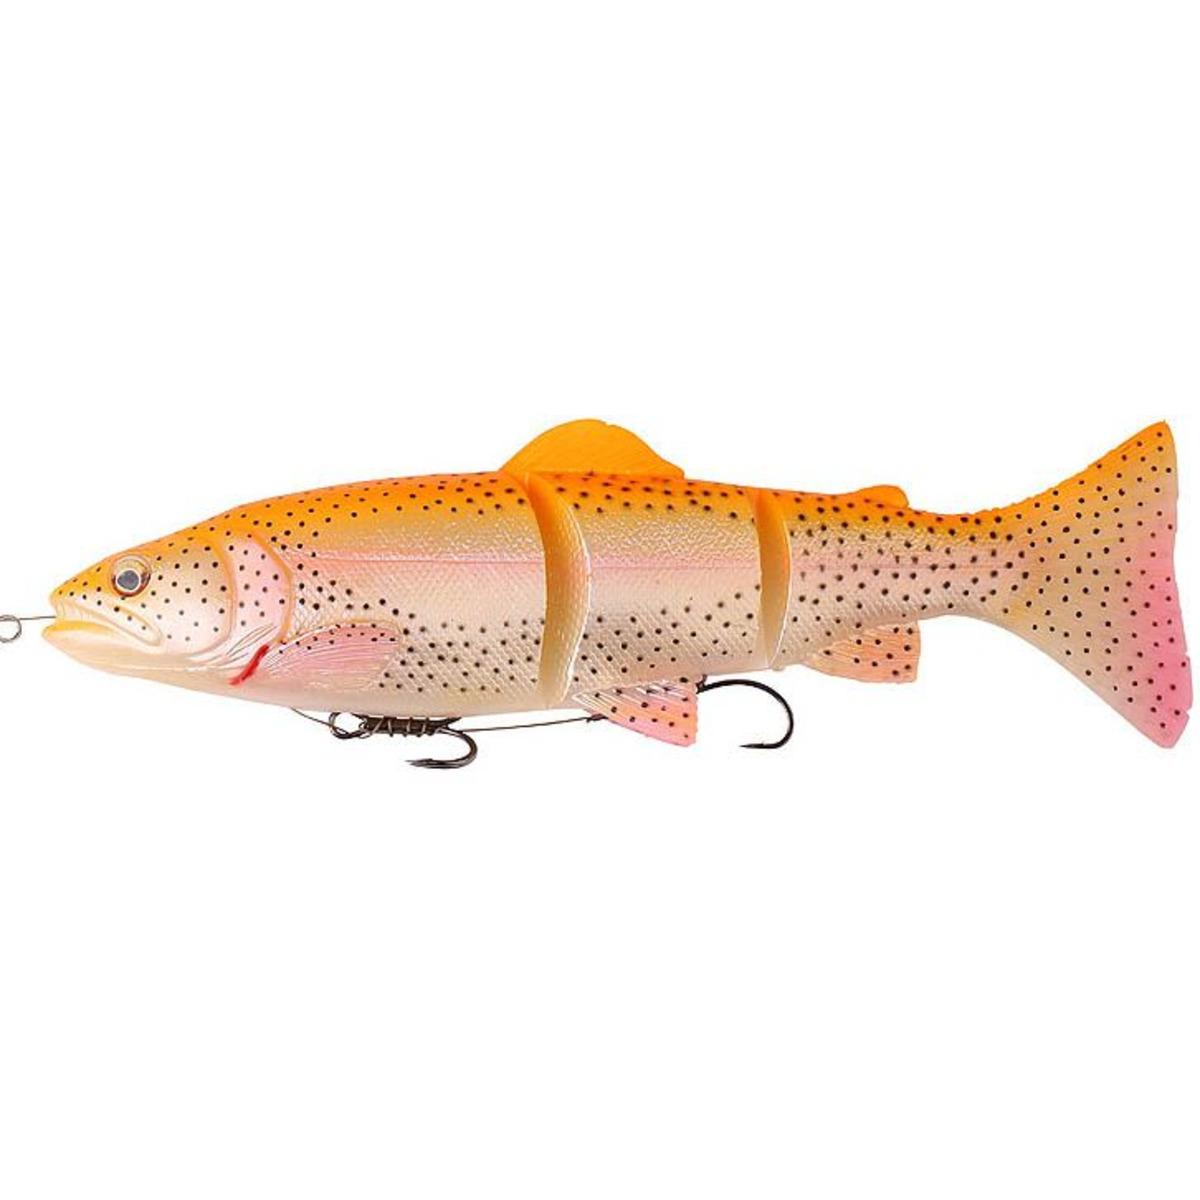 Savage Gear 3D Trout Line Thru - 20 cm - 98 g - Golden Albino